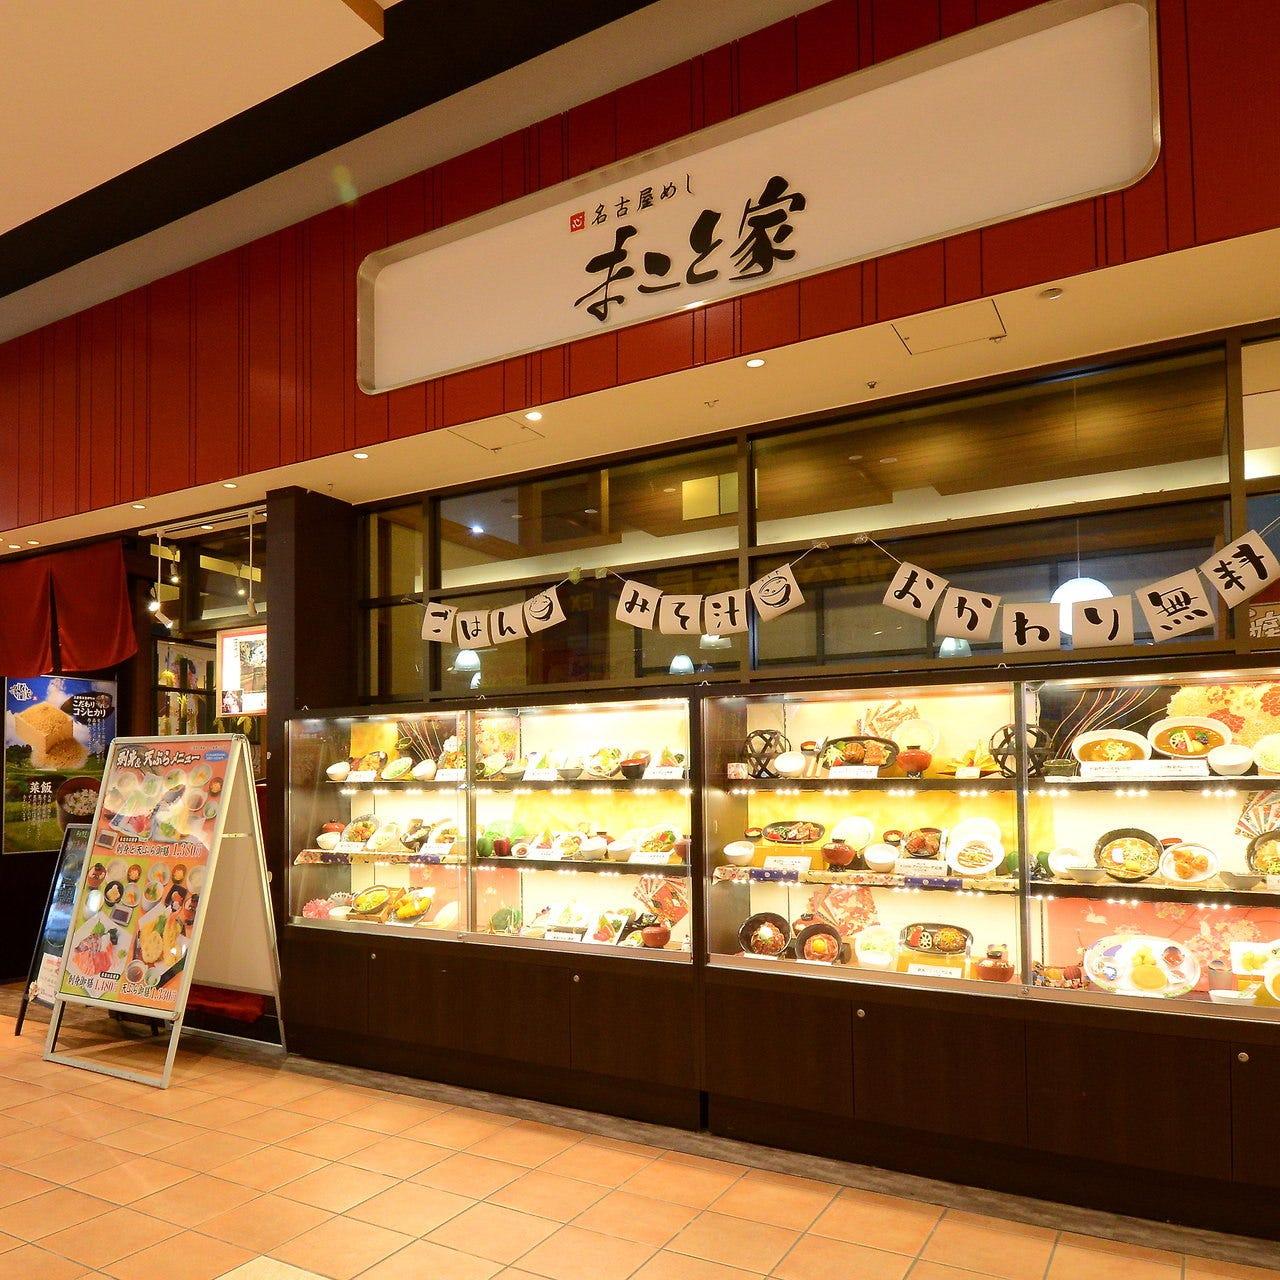 名古屋ならではの名物料理を楽しむならぜひ『まこと家』へ!